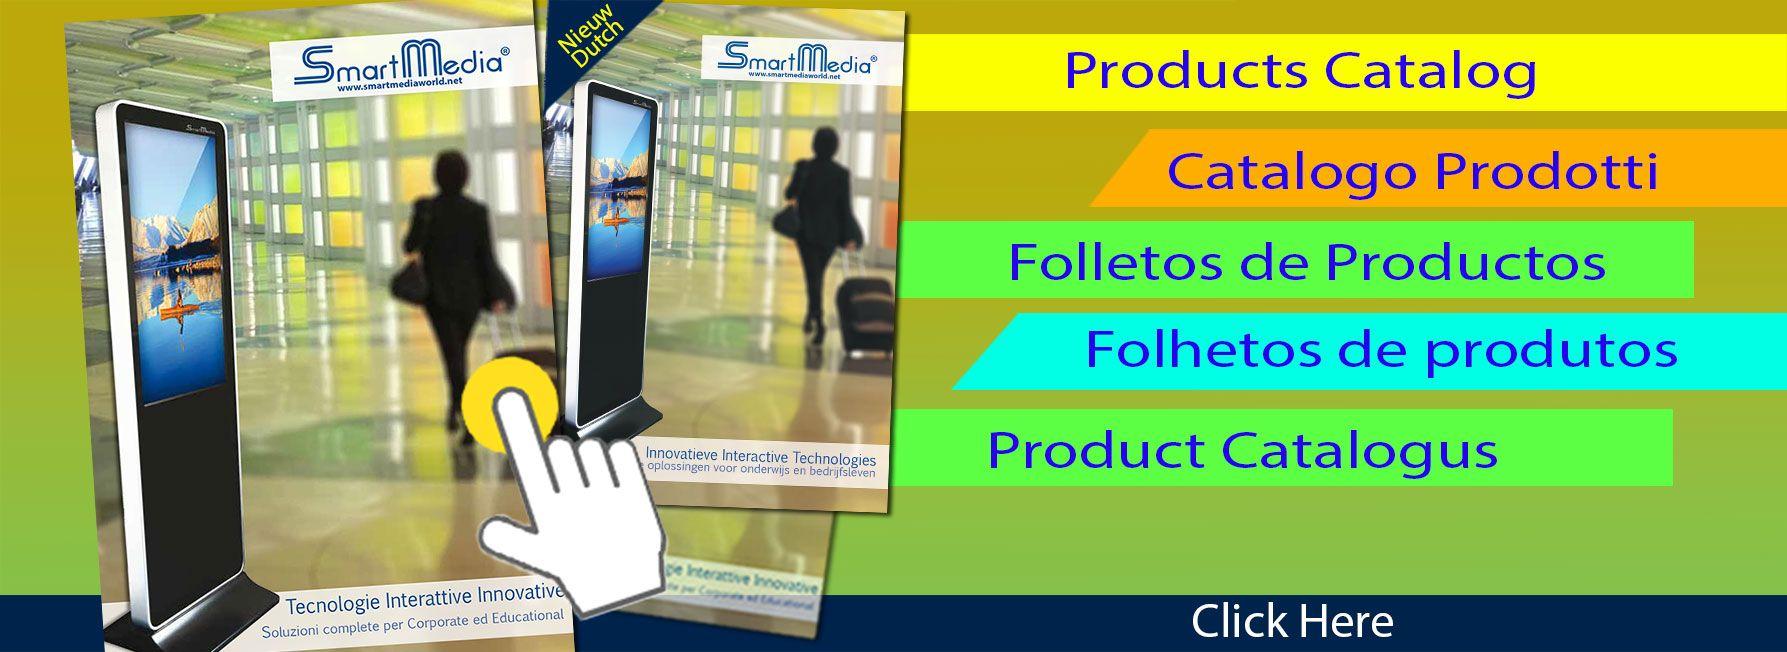 smartmedia europe logiciel de gestion de salle de classe multi touch monitor borne